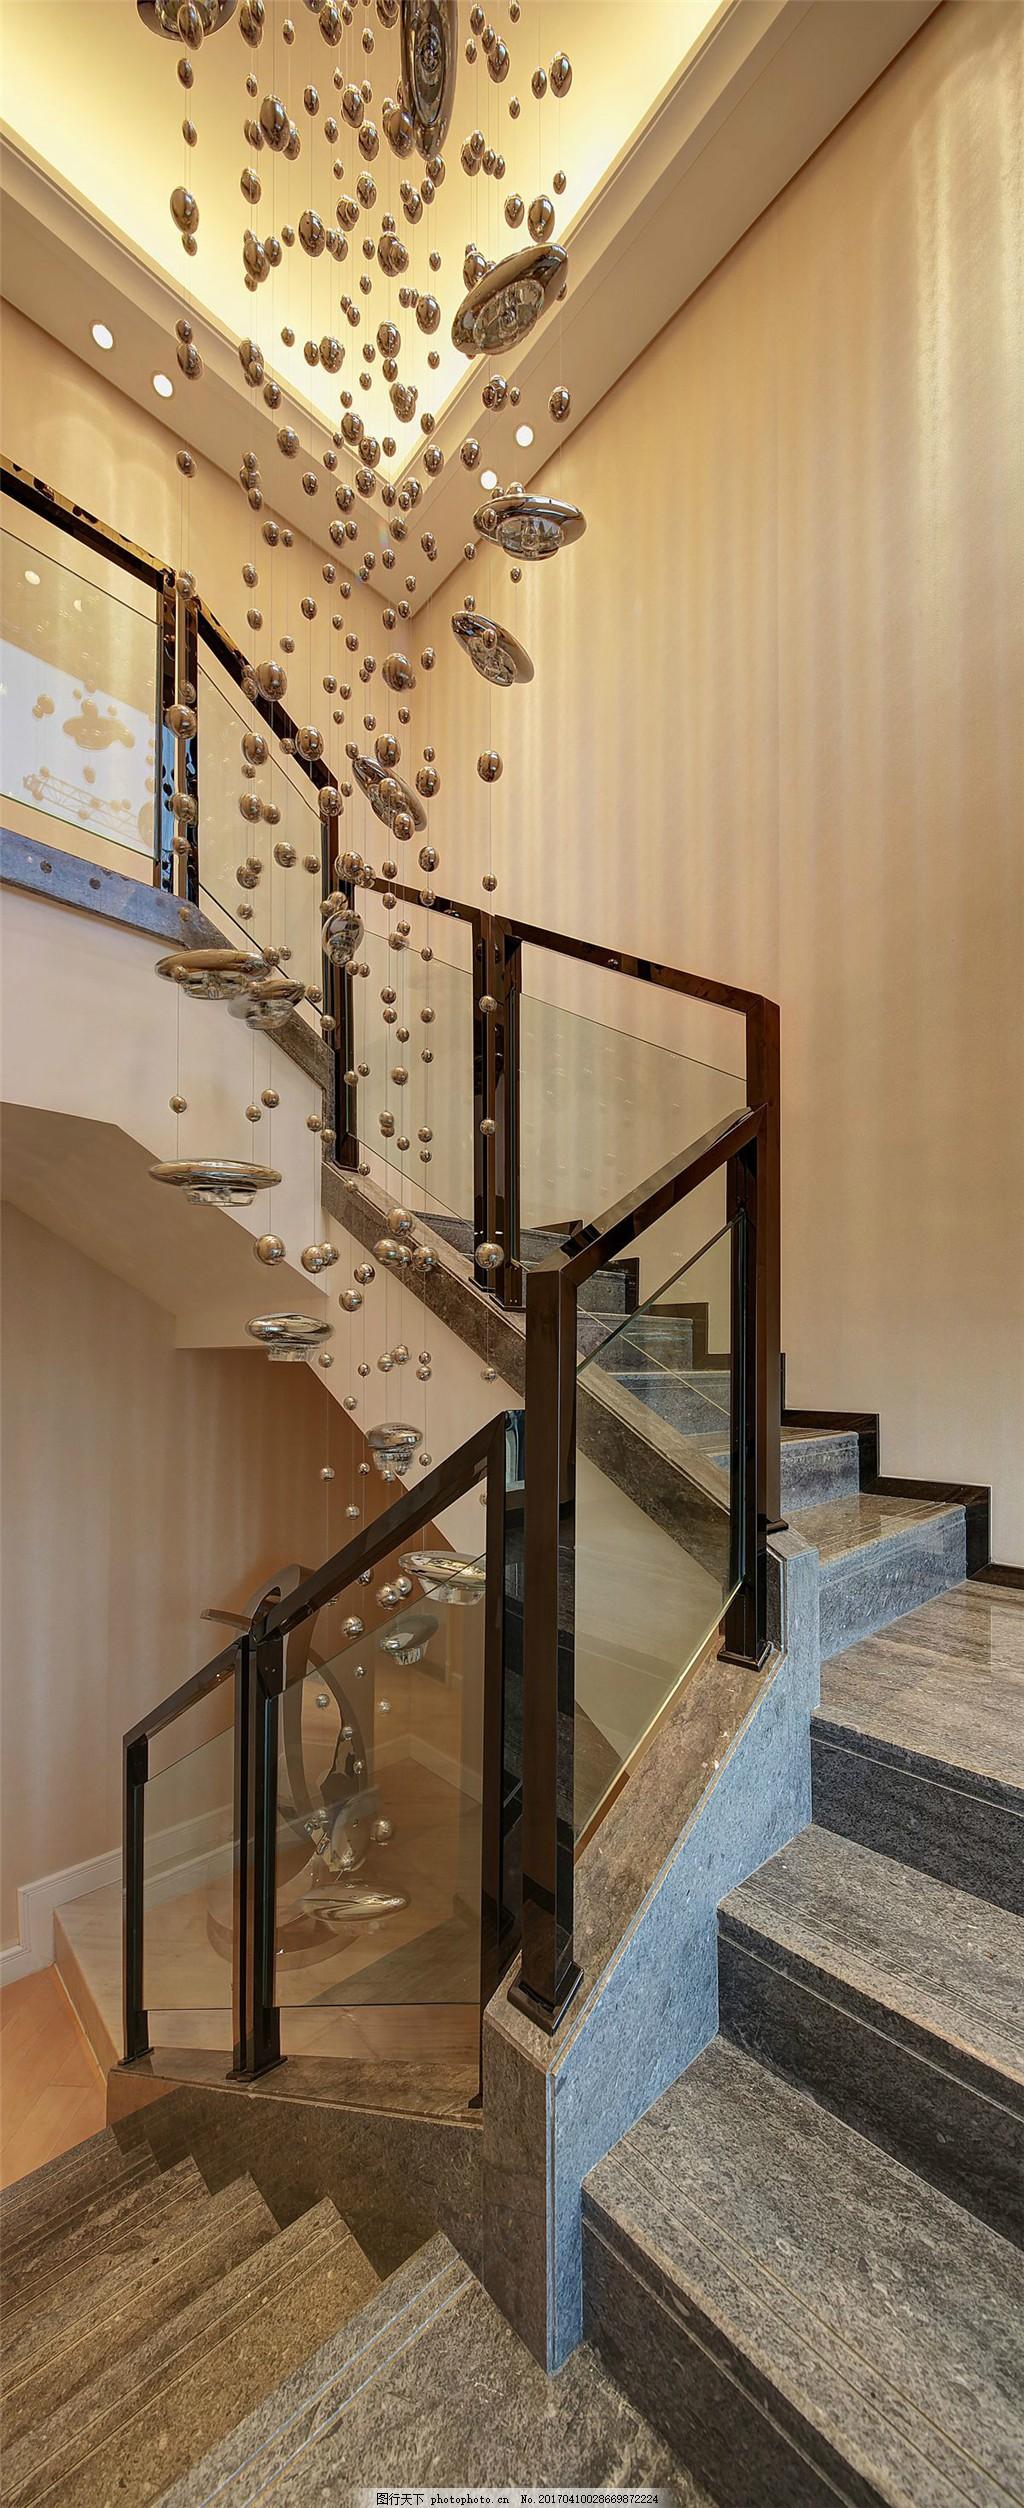 现代别墅楼梯间装修效果图 室内设计 家装效果图 美式装修效果图 时尚